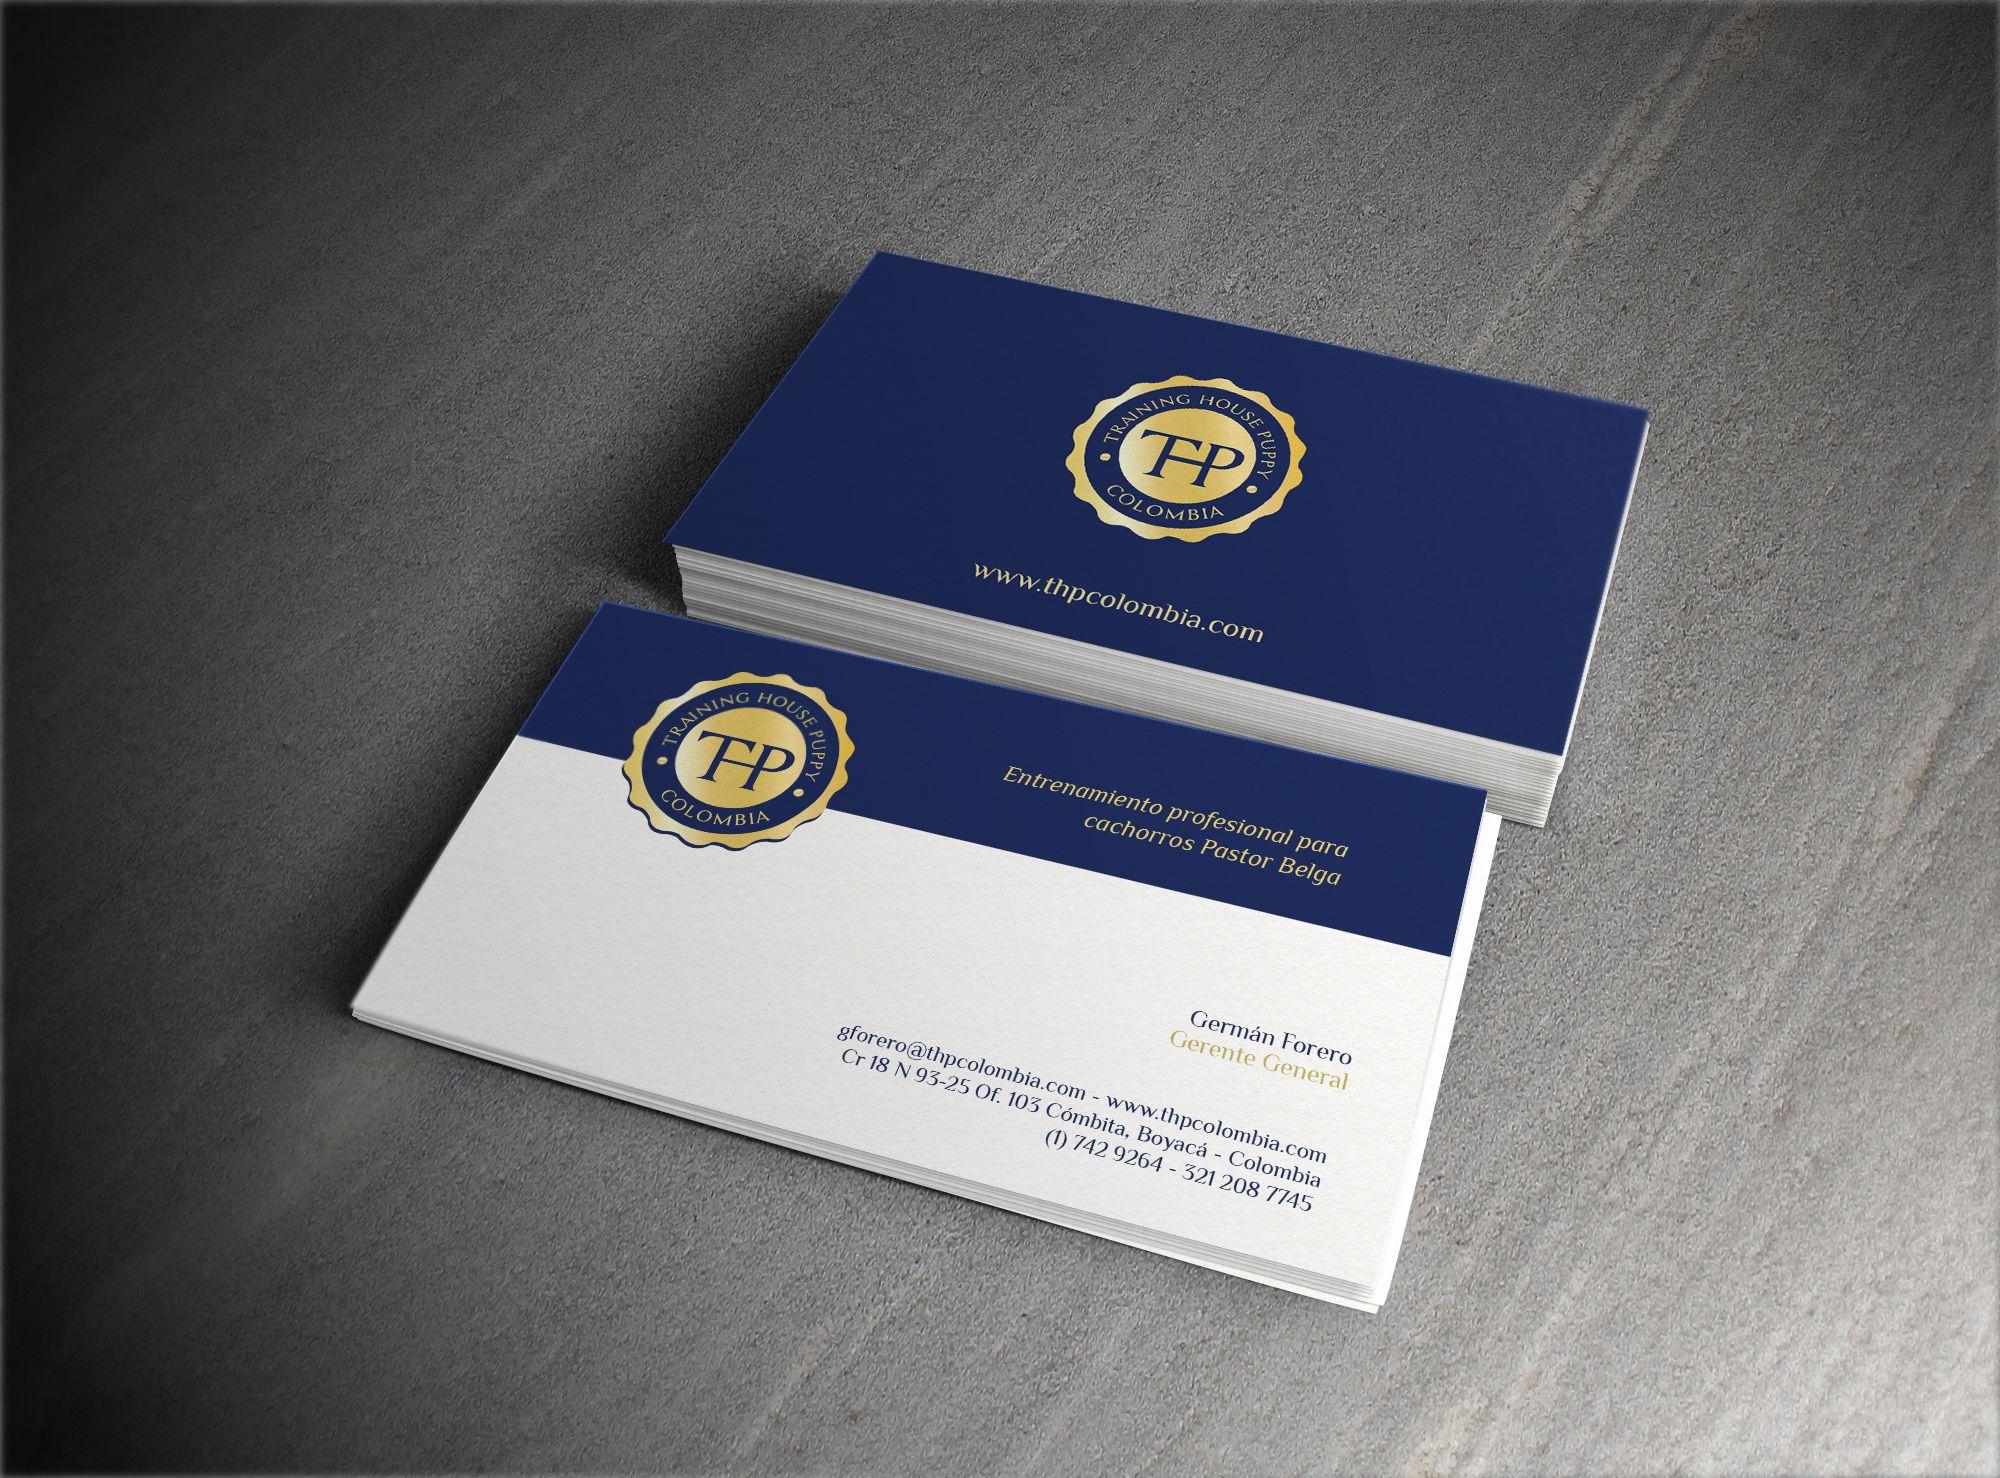 diseño logo y tarjetas de presentación thp training house puppy